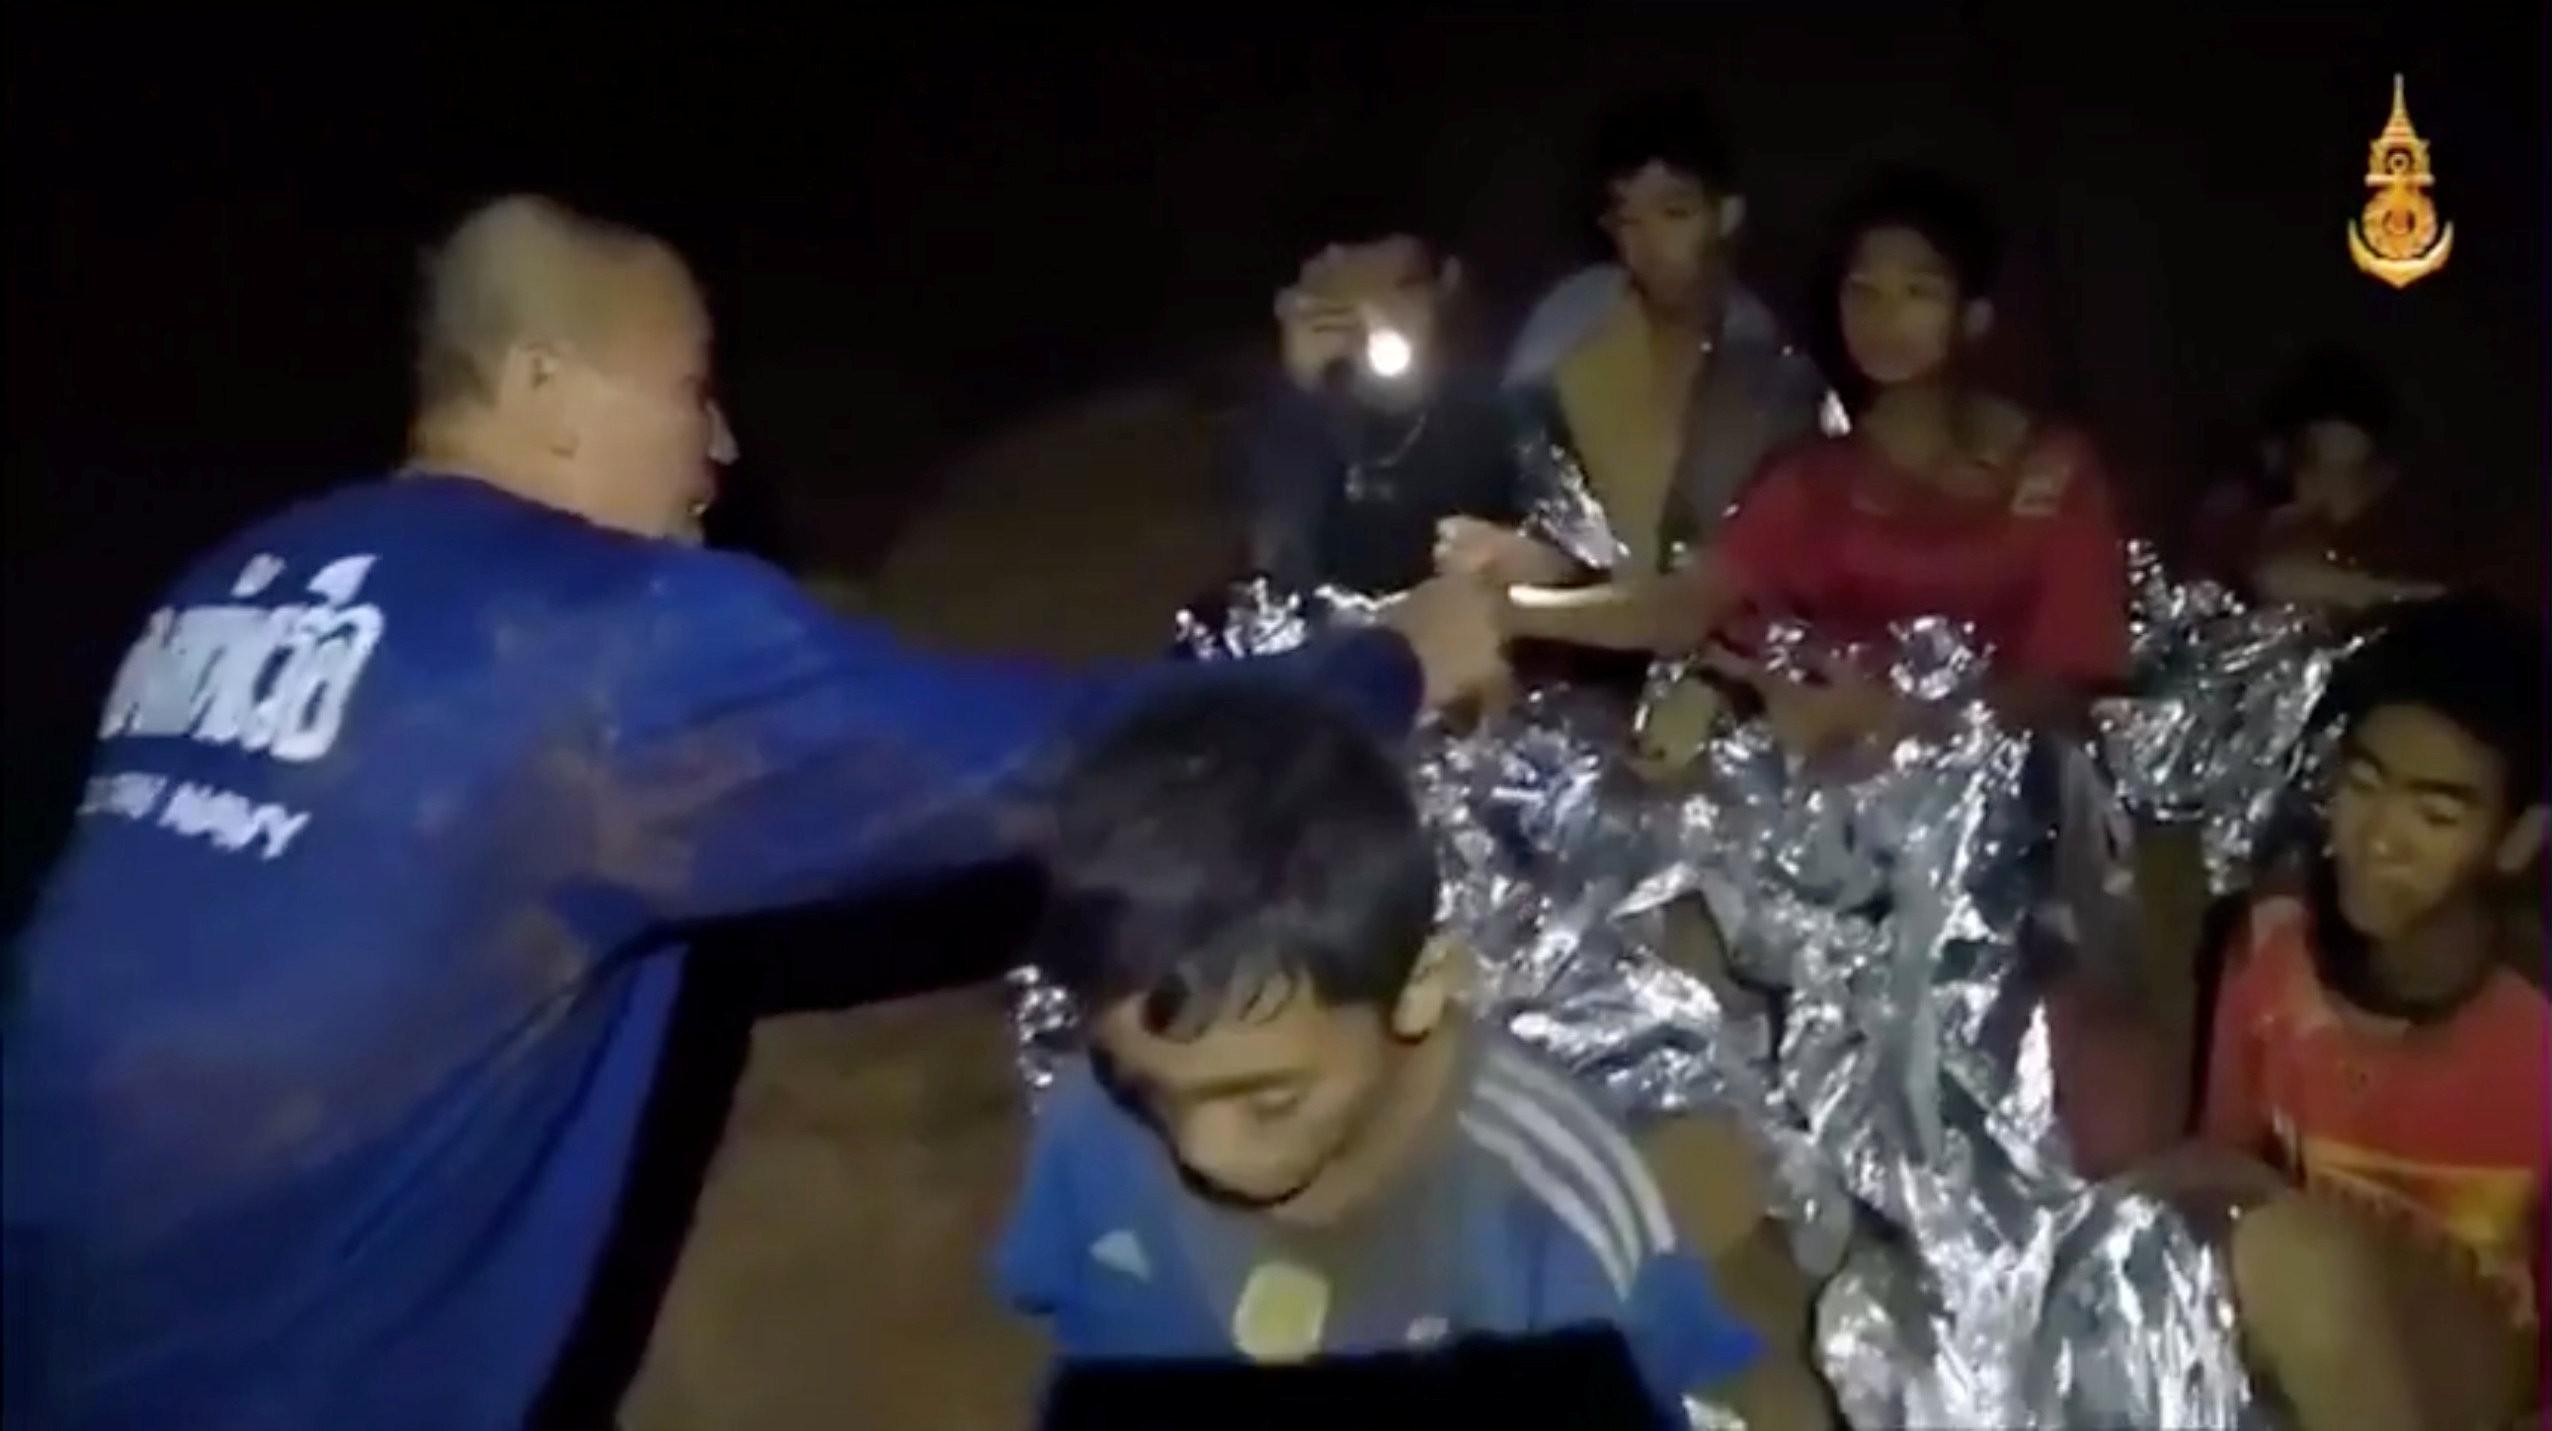 ▲泰國13名少年足球隊師生成員受困於「睡美人山洞」(Tham Luang)。(圖/路透社)